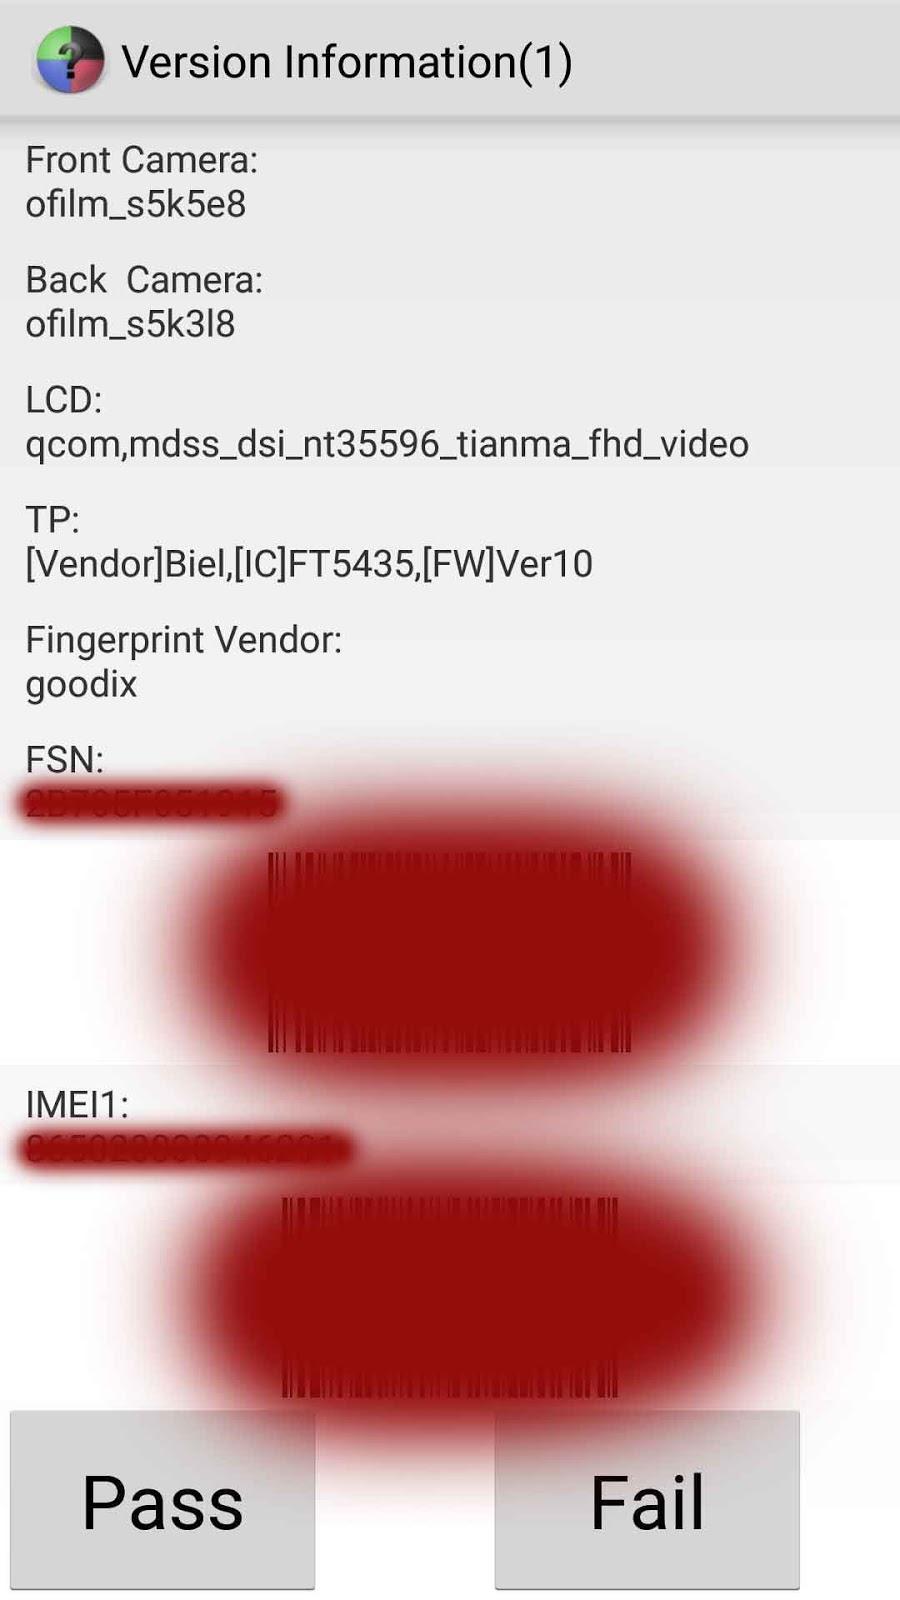 Cara Mudah Cek Sensor Kamera Xiaomi Redmi Yukampus 1 Status Berikut Beberapa Jenis Kode Yang Ada Pada Smartphone